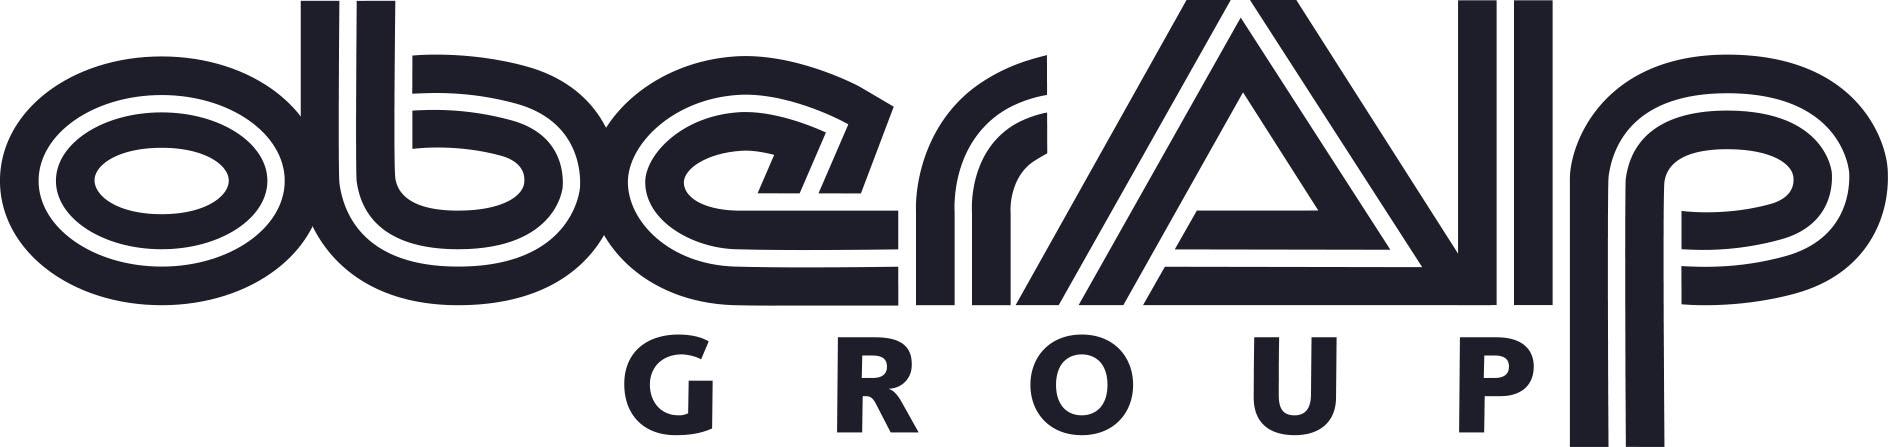 Oberalp Austria GmbH